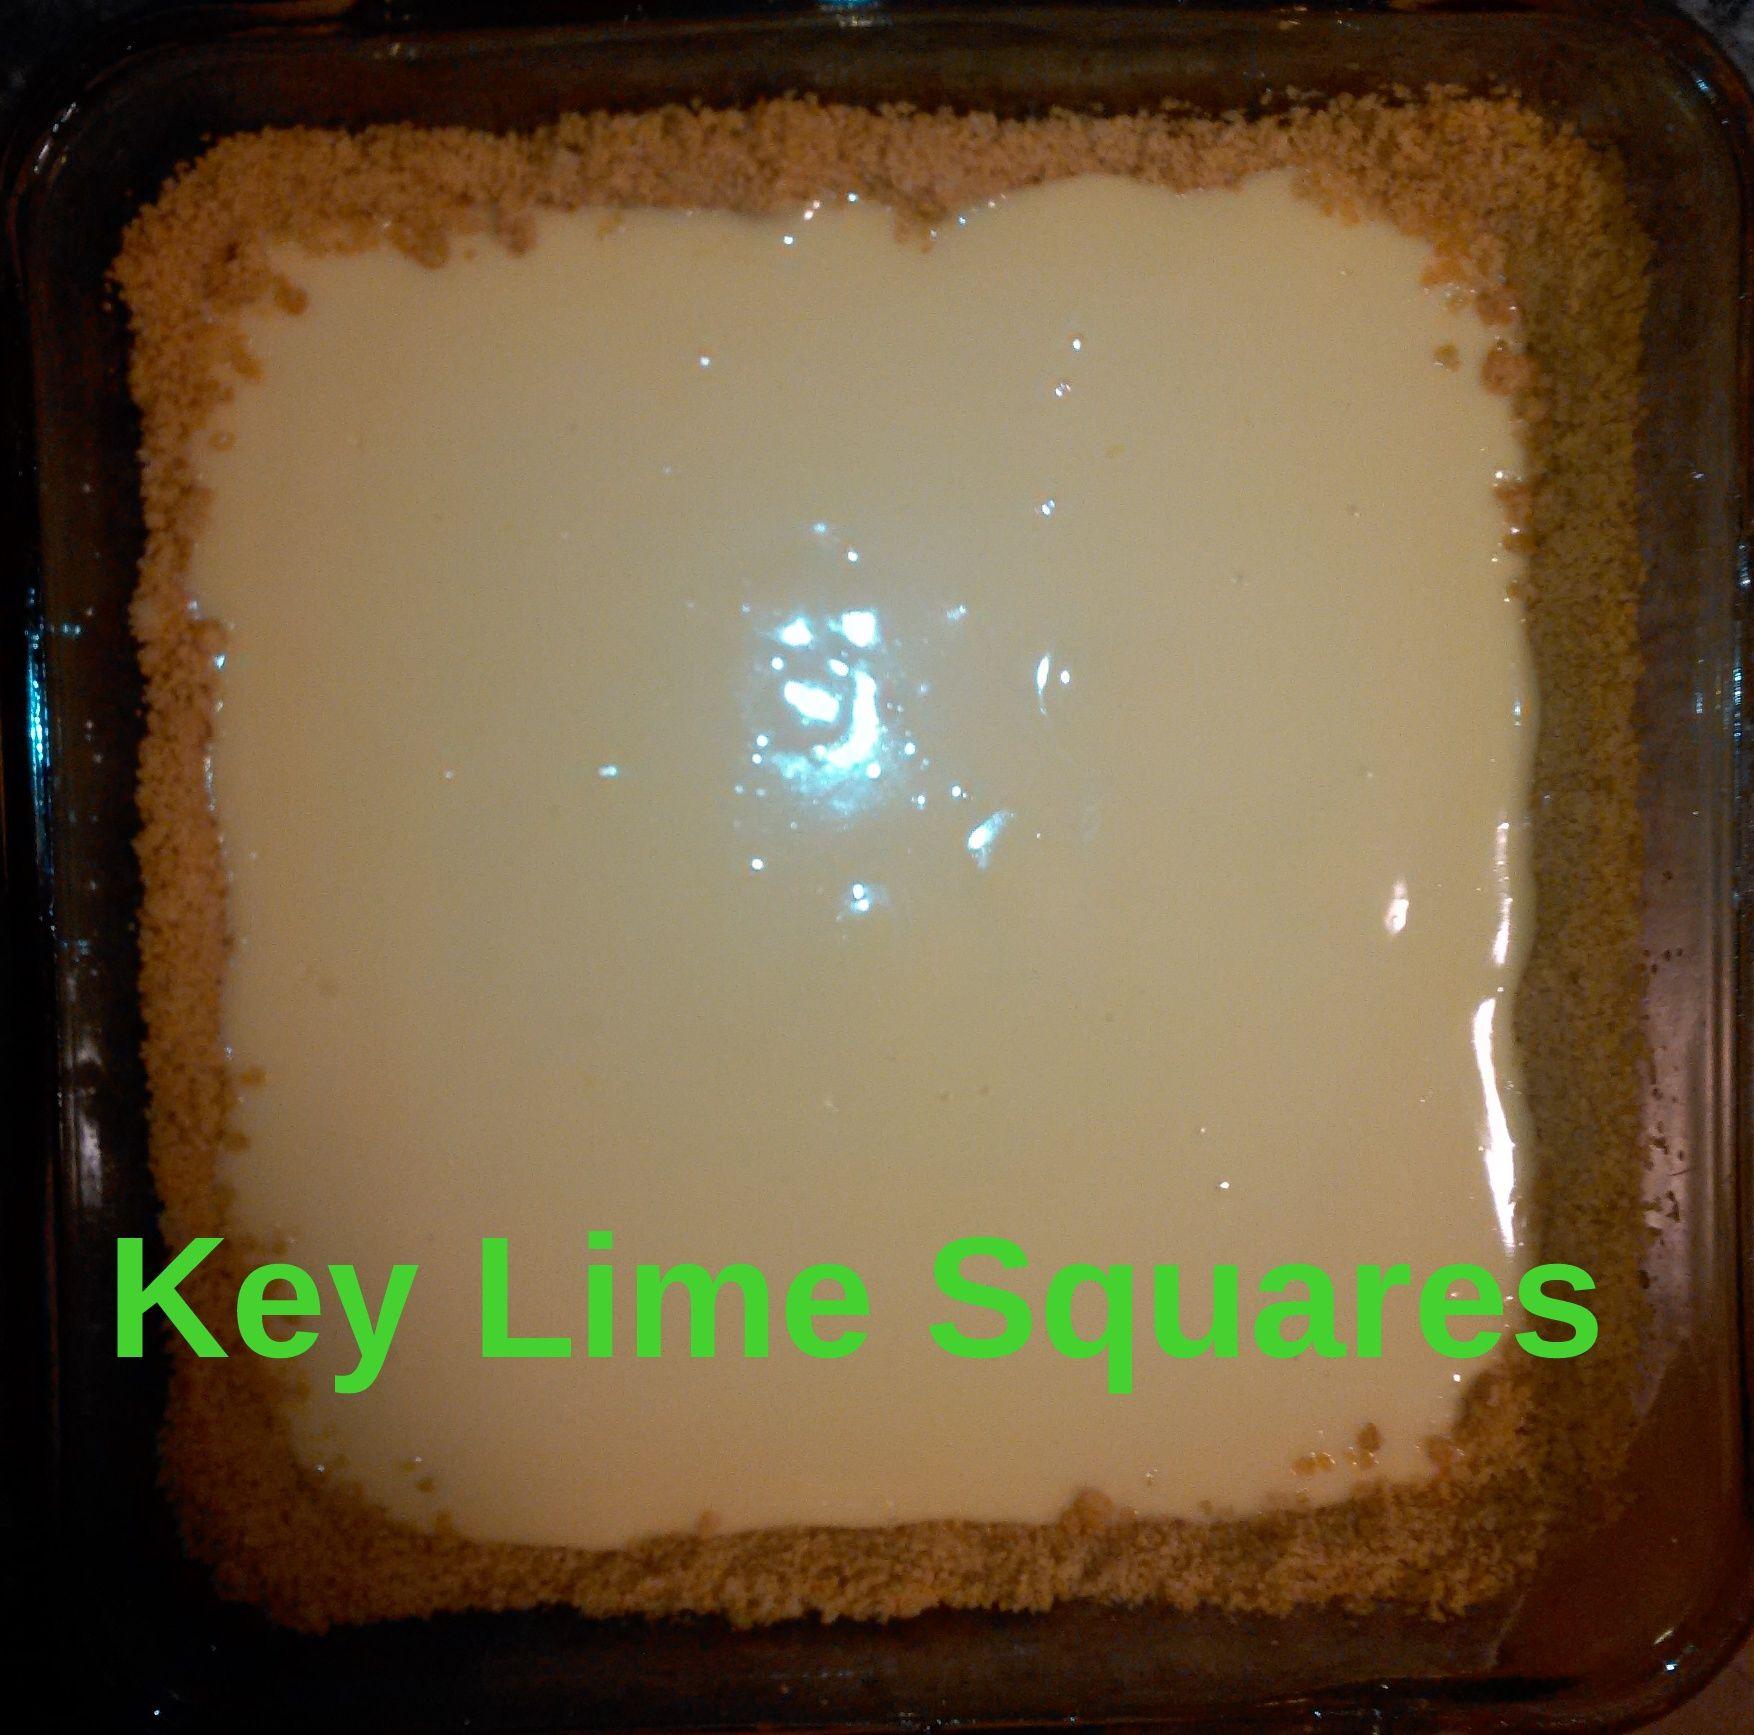 Snow & Key Lime Squares Key lime squares, Key lime, Lime